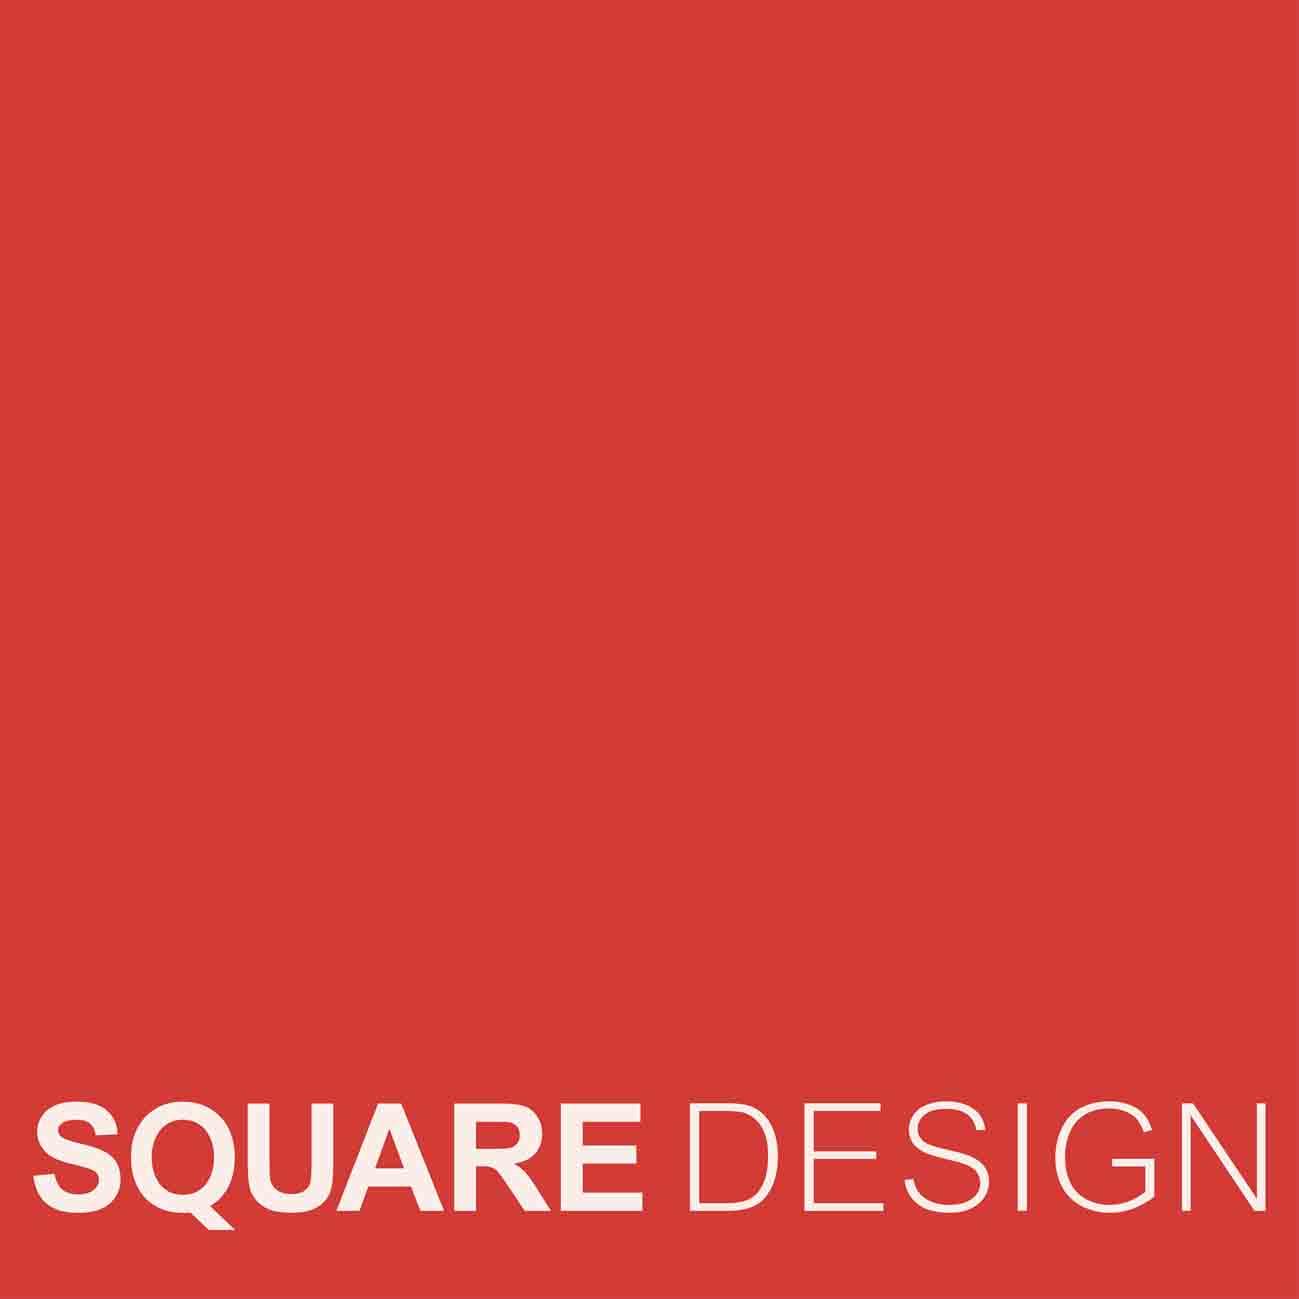 佛山市方块工业设计有限公司